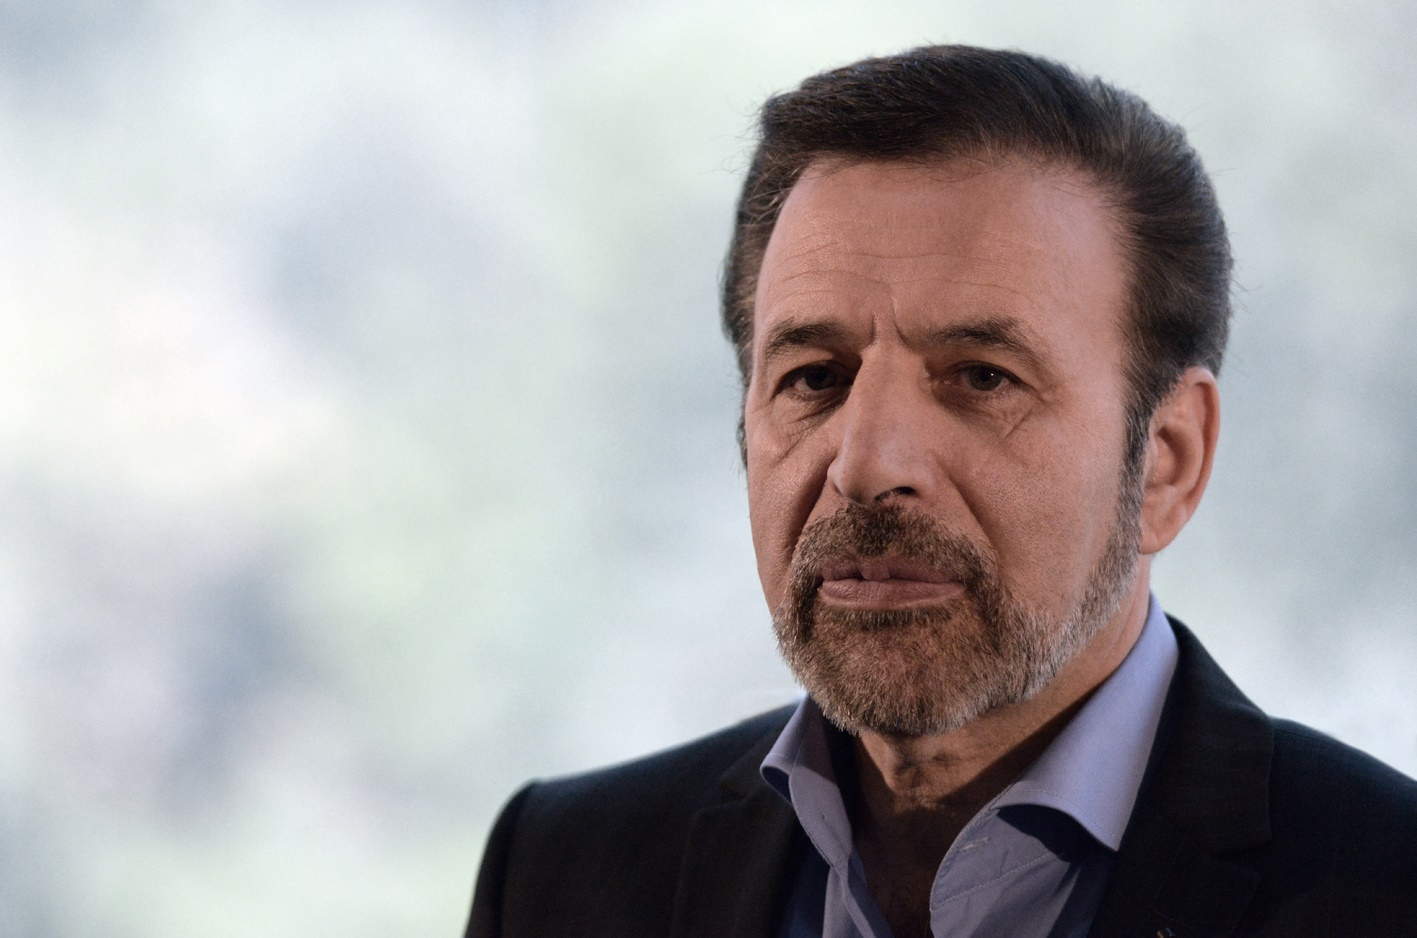 محمود واعظی: رویکرد جانبدارانه صداوسیما، اعتماد مردم به رسانه ملی را کاهش میدهد